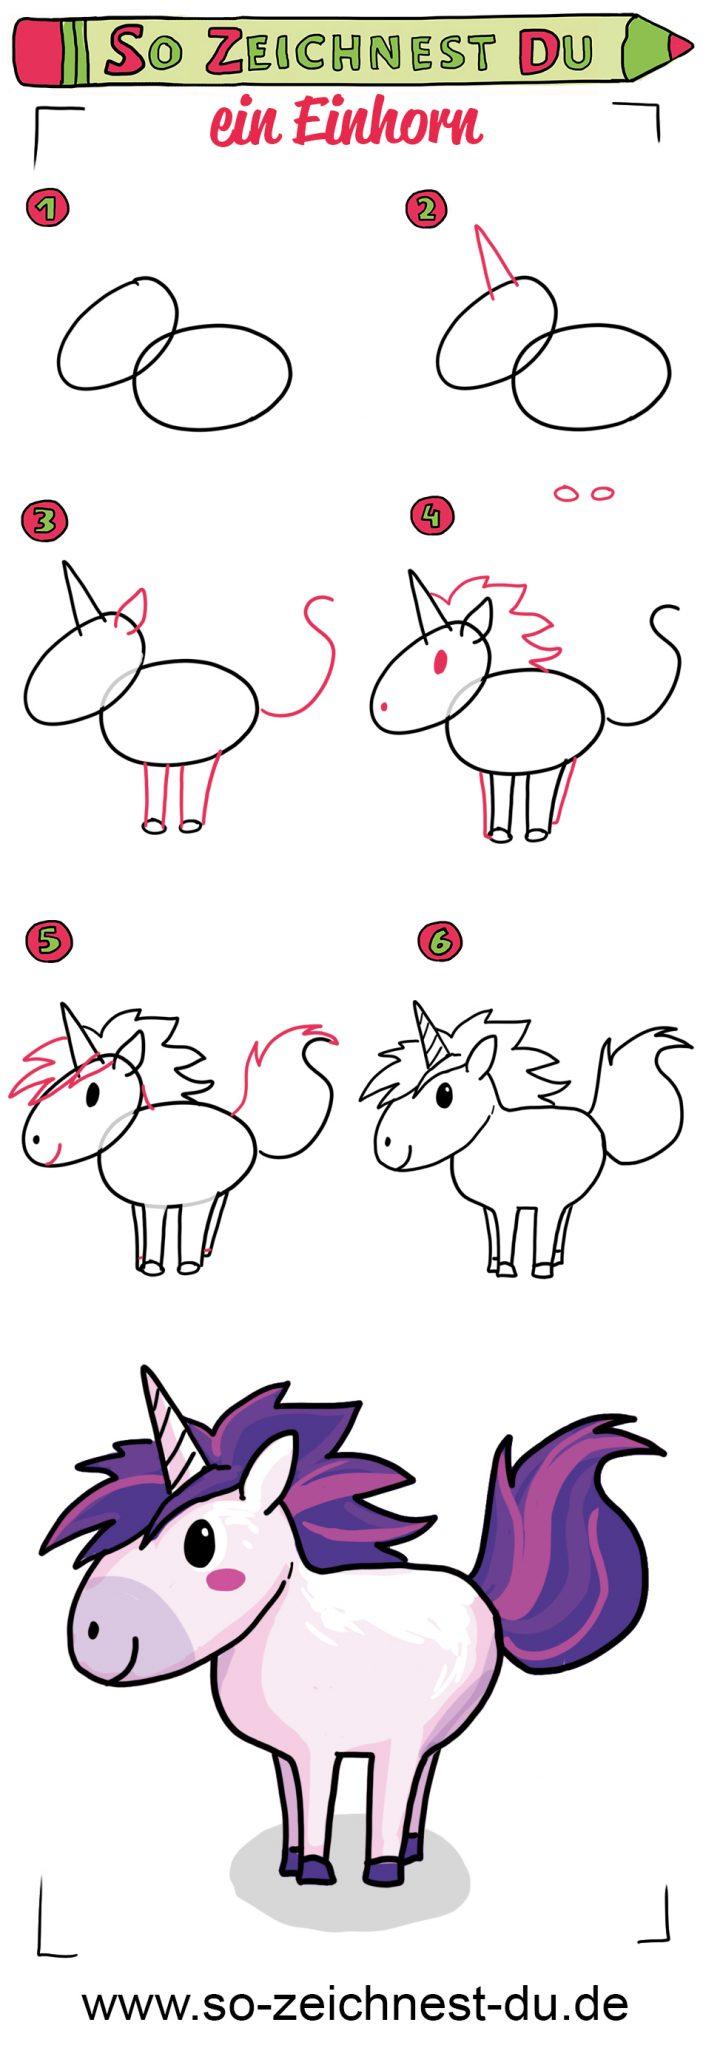 So zeichnest du ein Einhorn Zeichenschule Fantasy